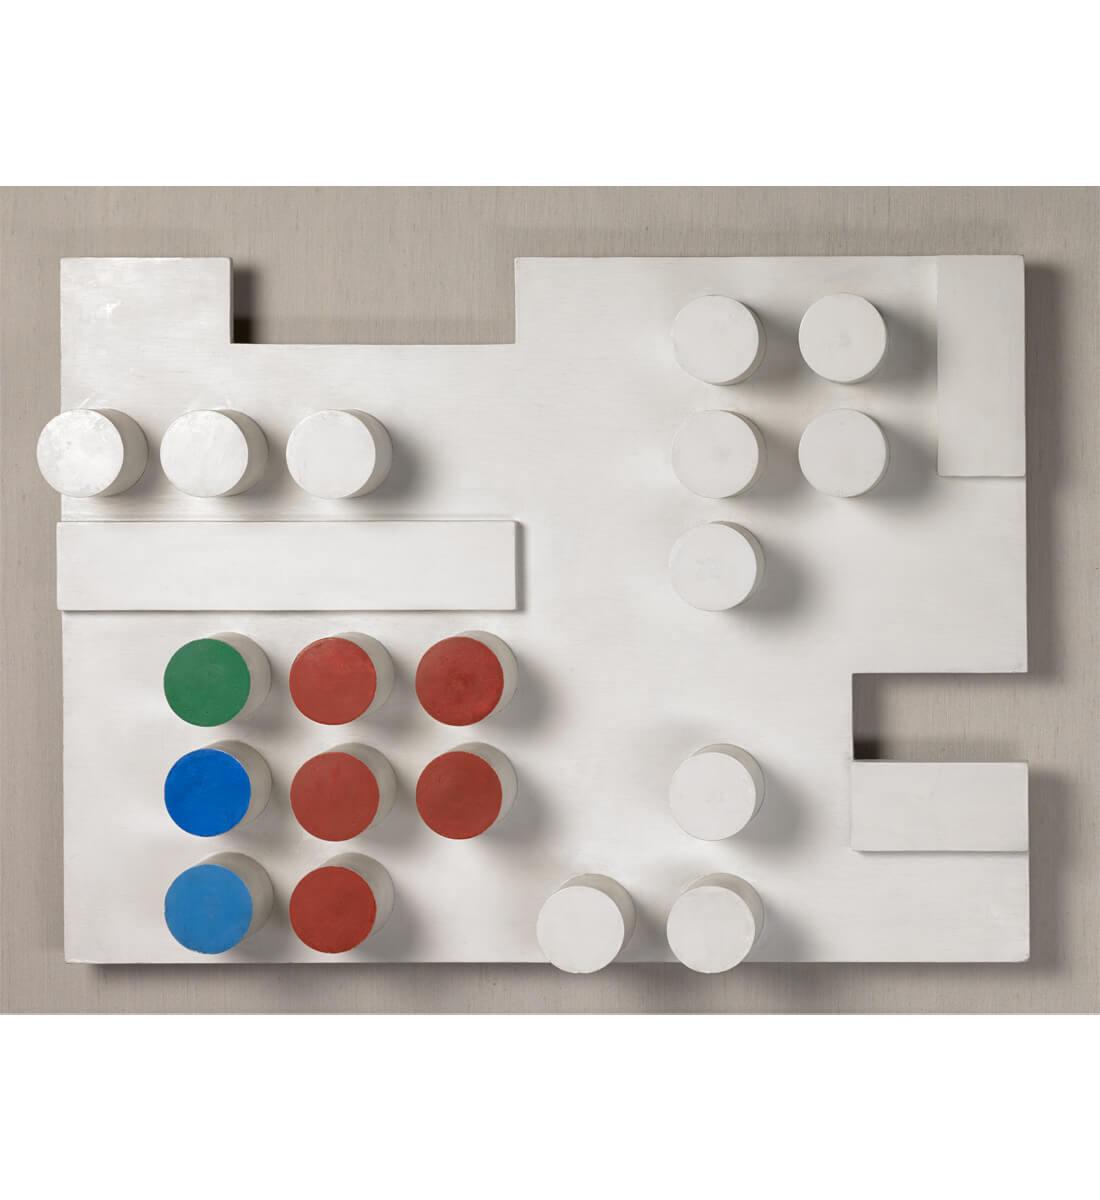 Relief rectangulaire, rectangles découpés, rectangles appliqués et cylindres surgissants <br>(Rectangular Relief with Cutout Rectangles, Applied Rectangles and Rising Cylinders)